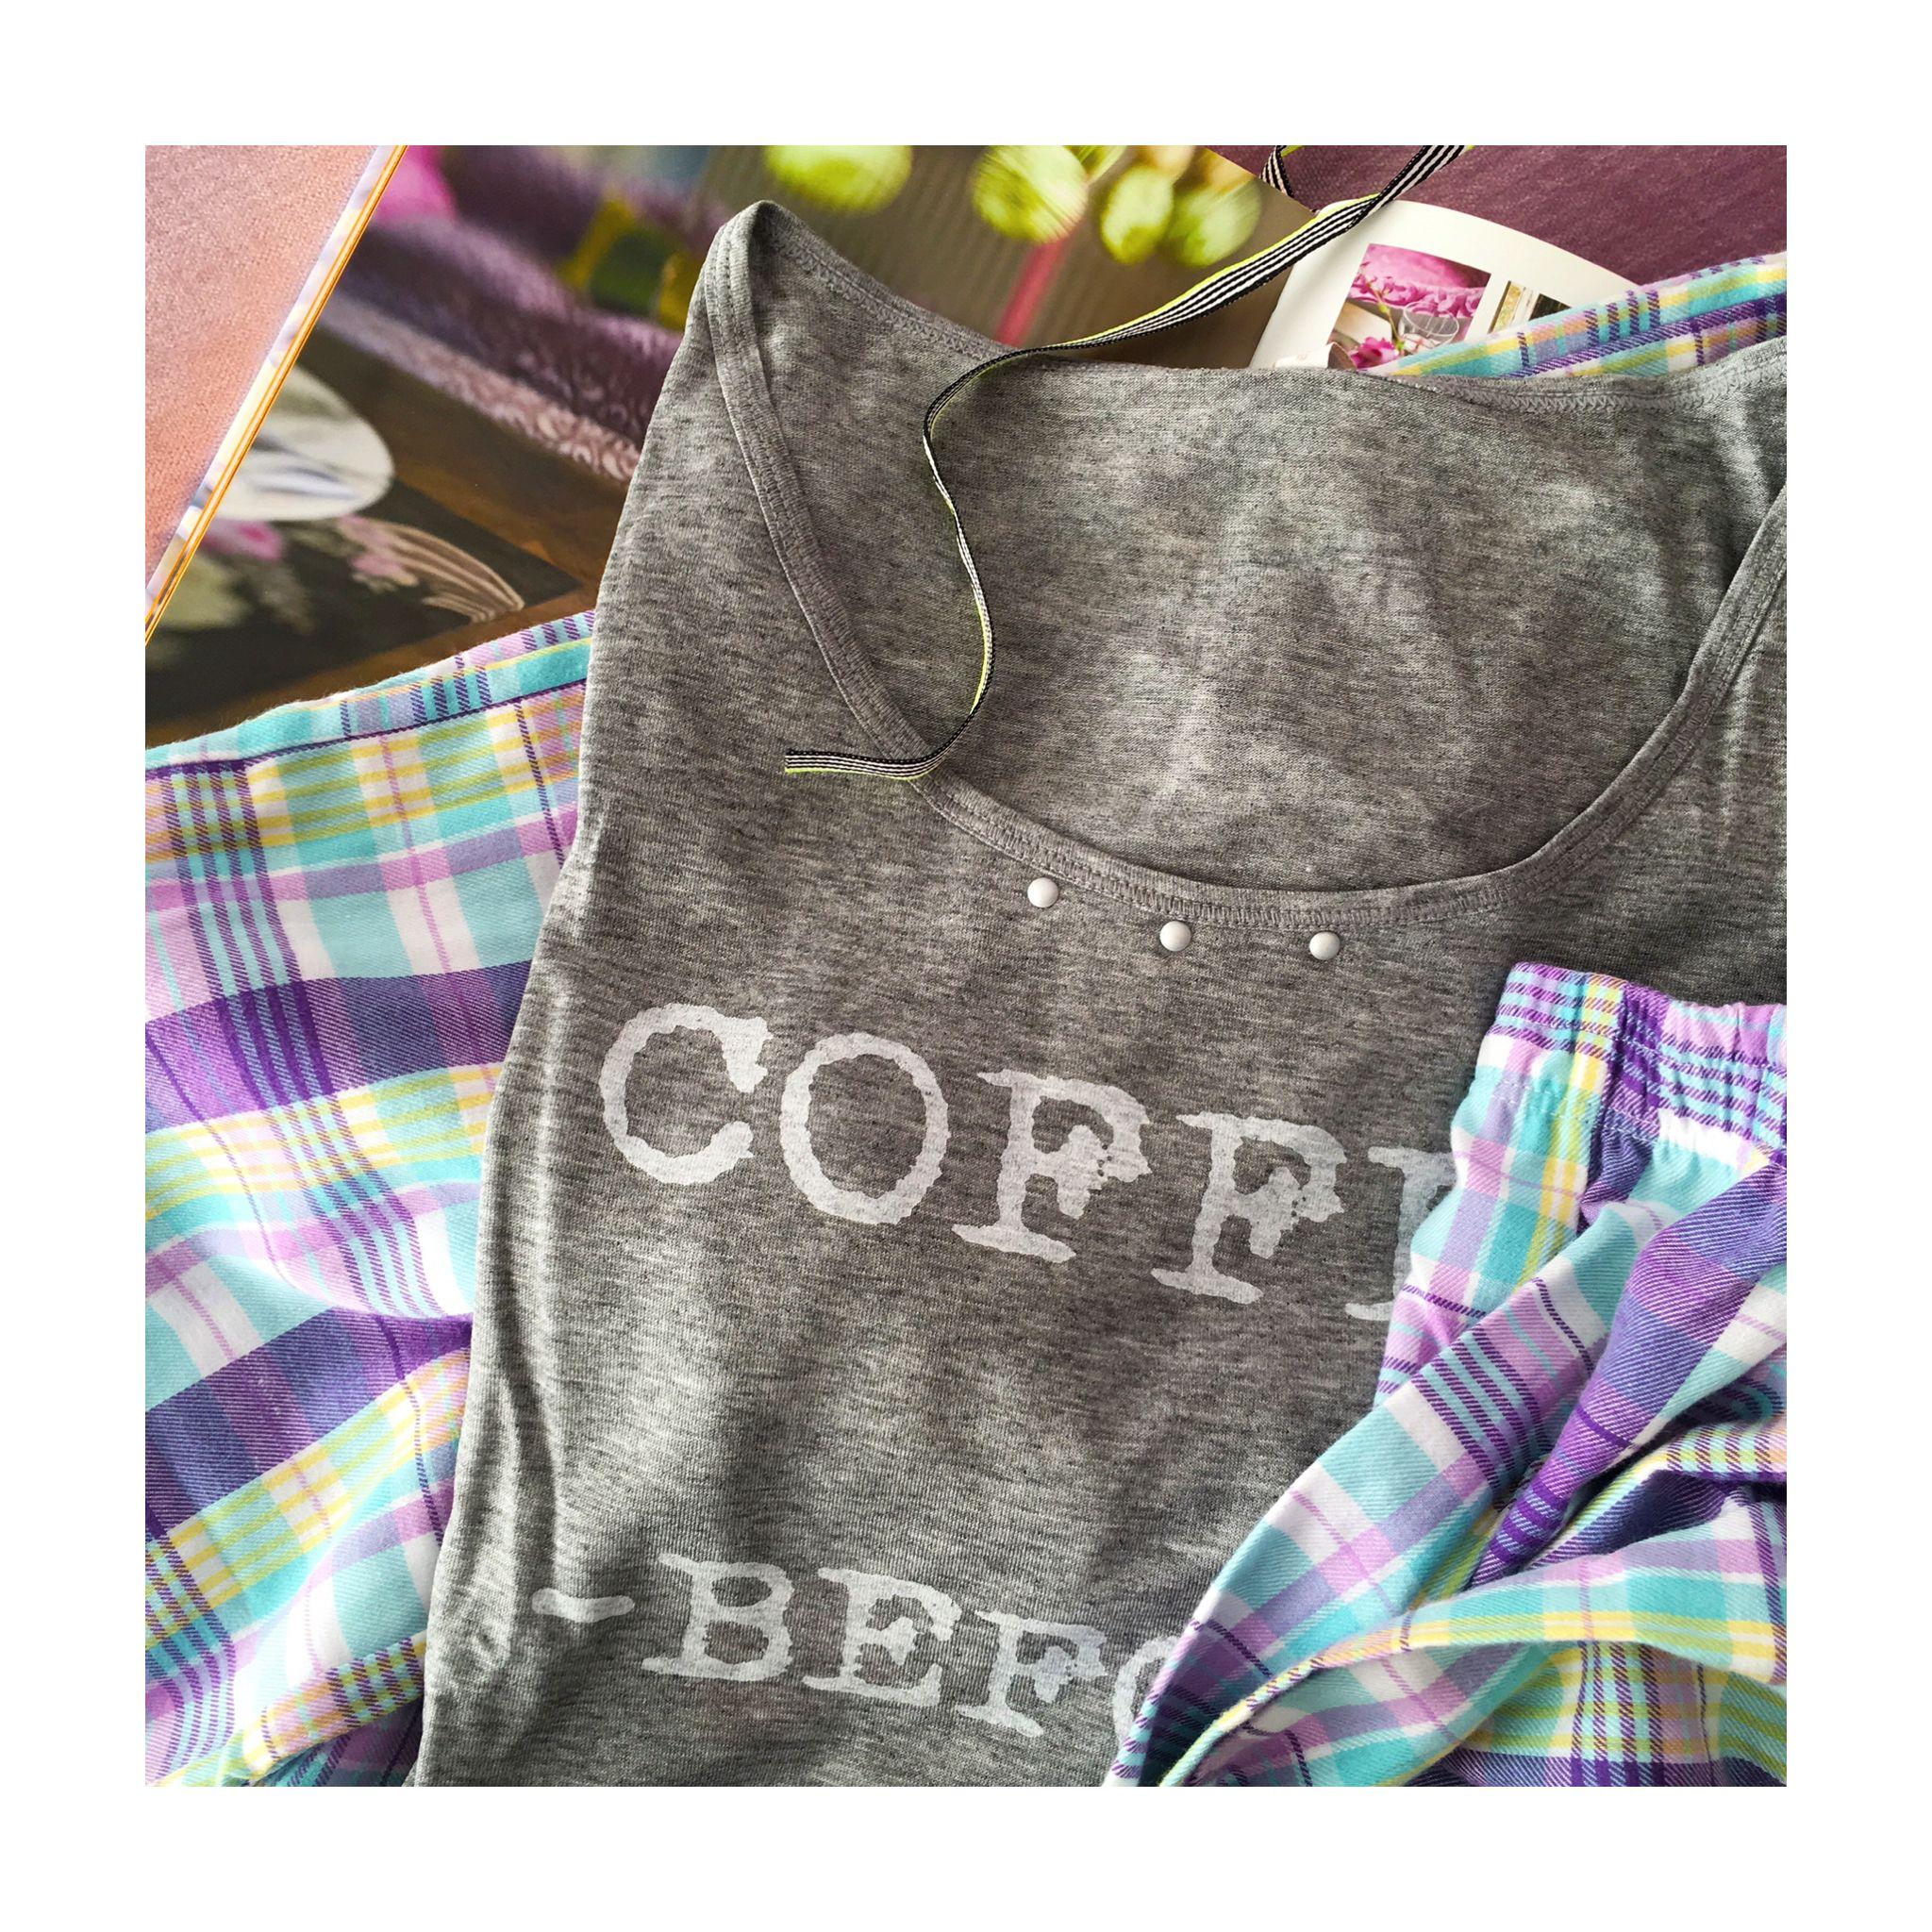 Pijama em flanela e malha, super comfy & cool #sotemnajoge